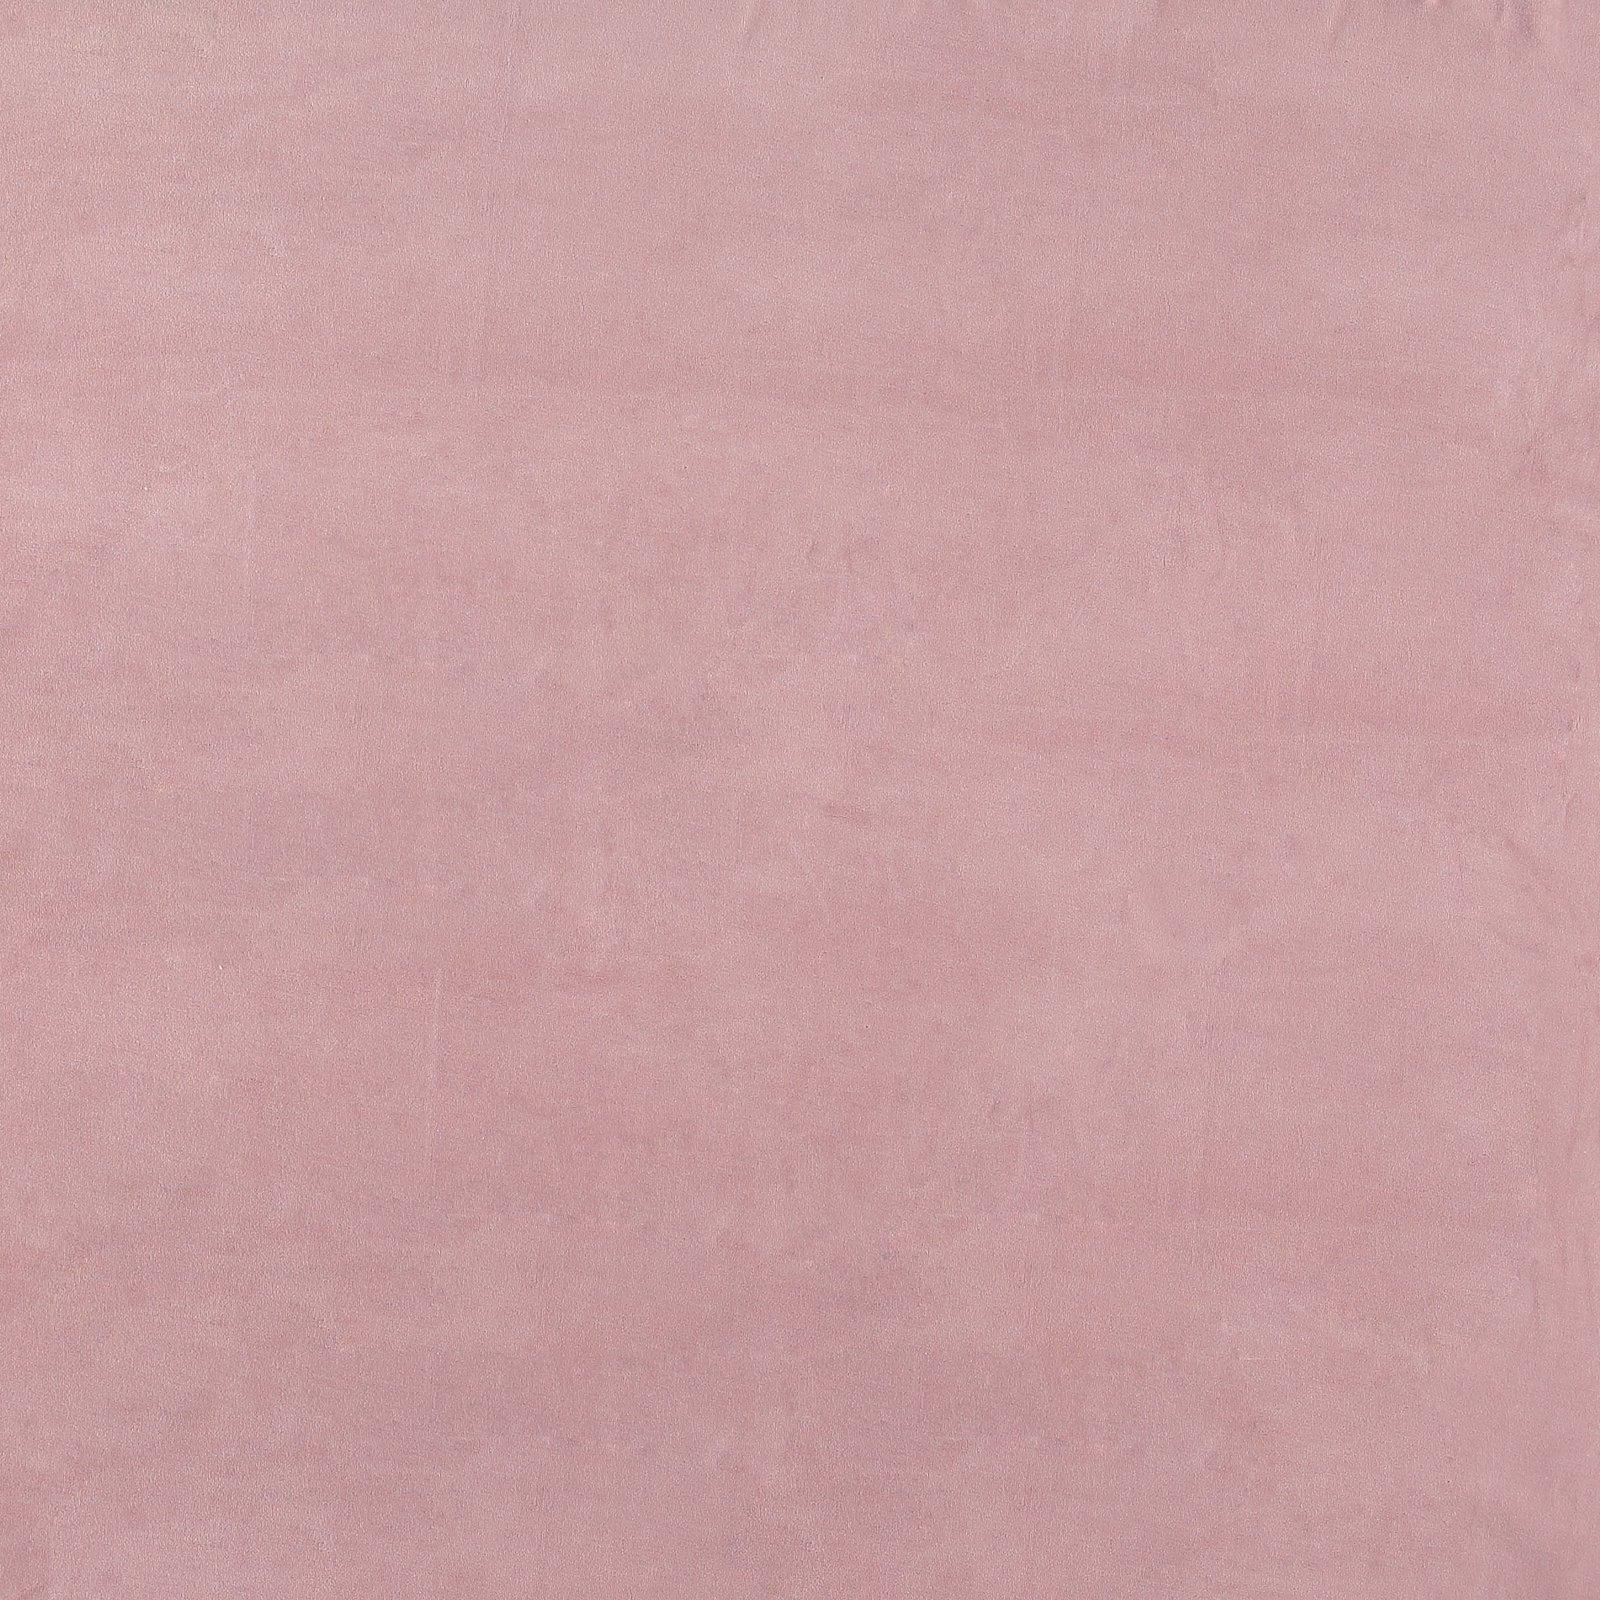 Organic st velvet cotton rose 250733_pack_solid